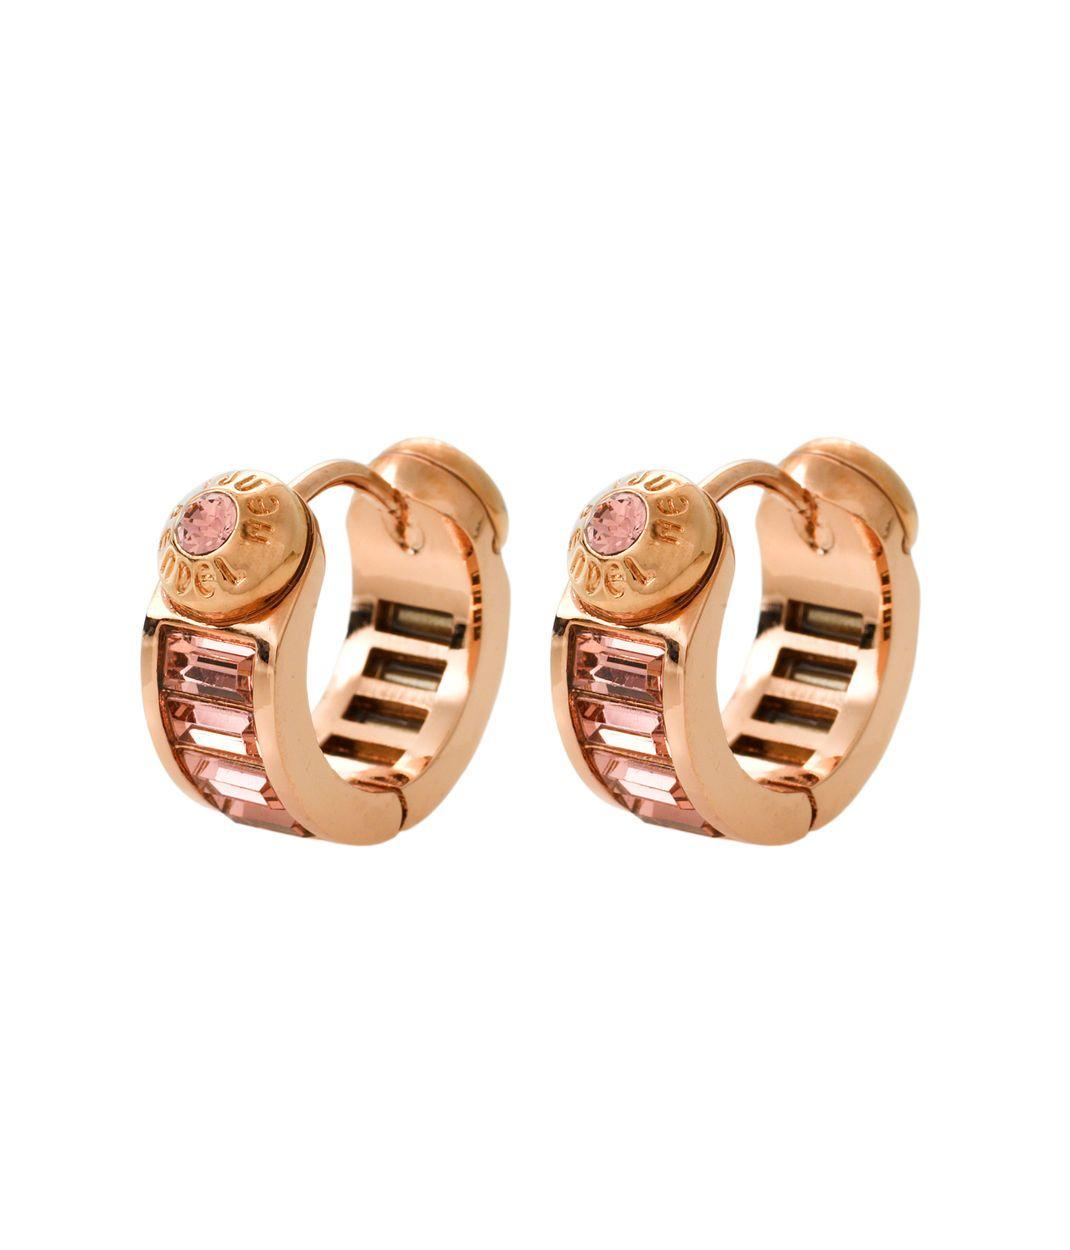 Harry Huggy Gold Hoop Earrings Designed By Henri Bendel